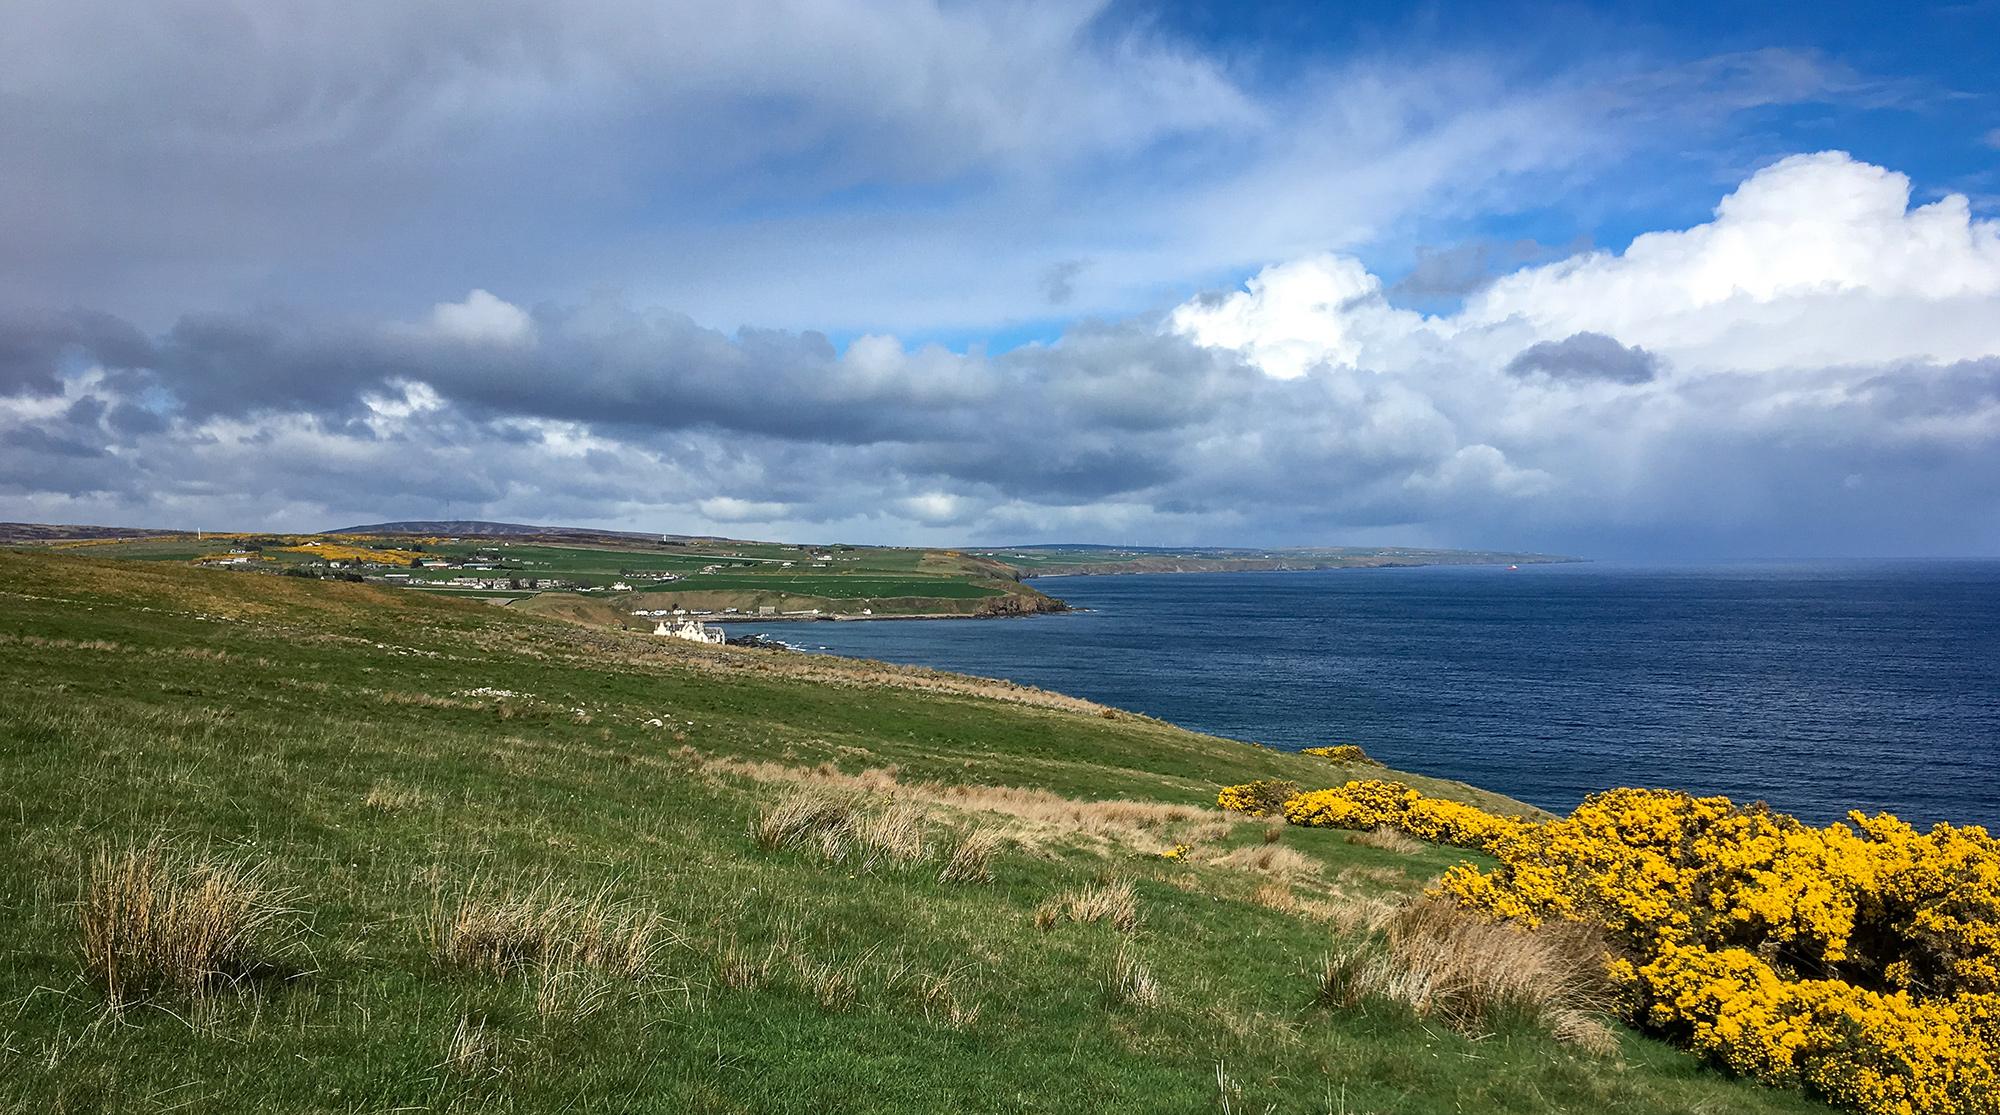 Küstenlandschaft mit Gras und Gisnter, dahinter Dunbeath